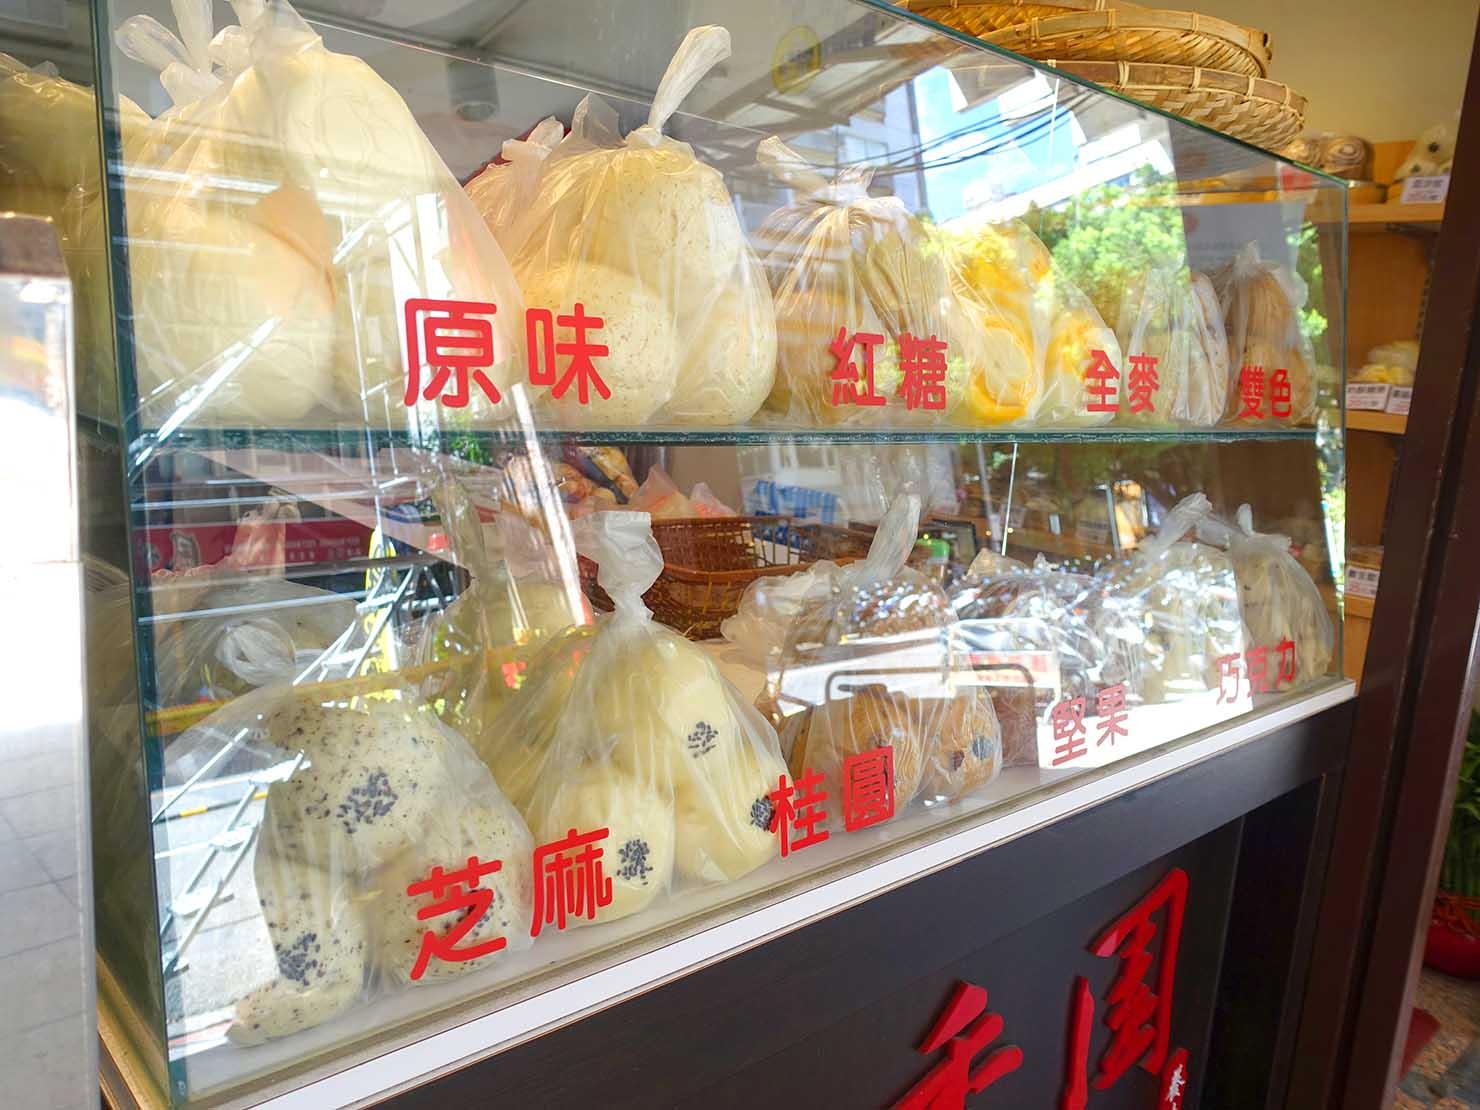 台北・善導寺のおすすめグルメ店「鼎香園手感老麵包子饅頭」のカウンターに並ぶ饅頭